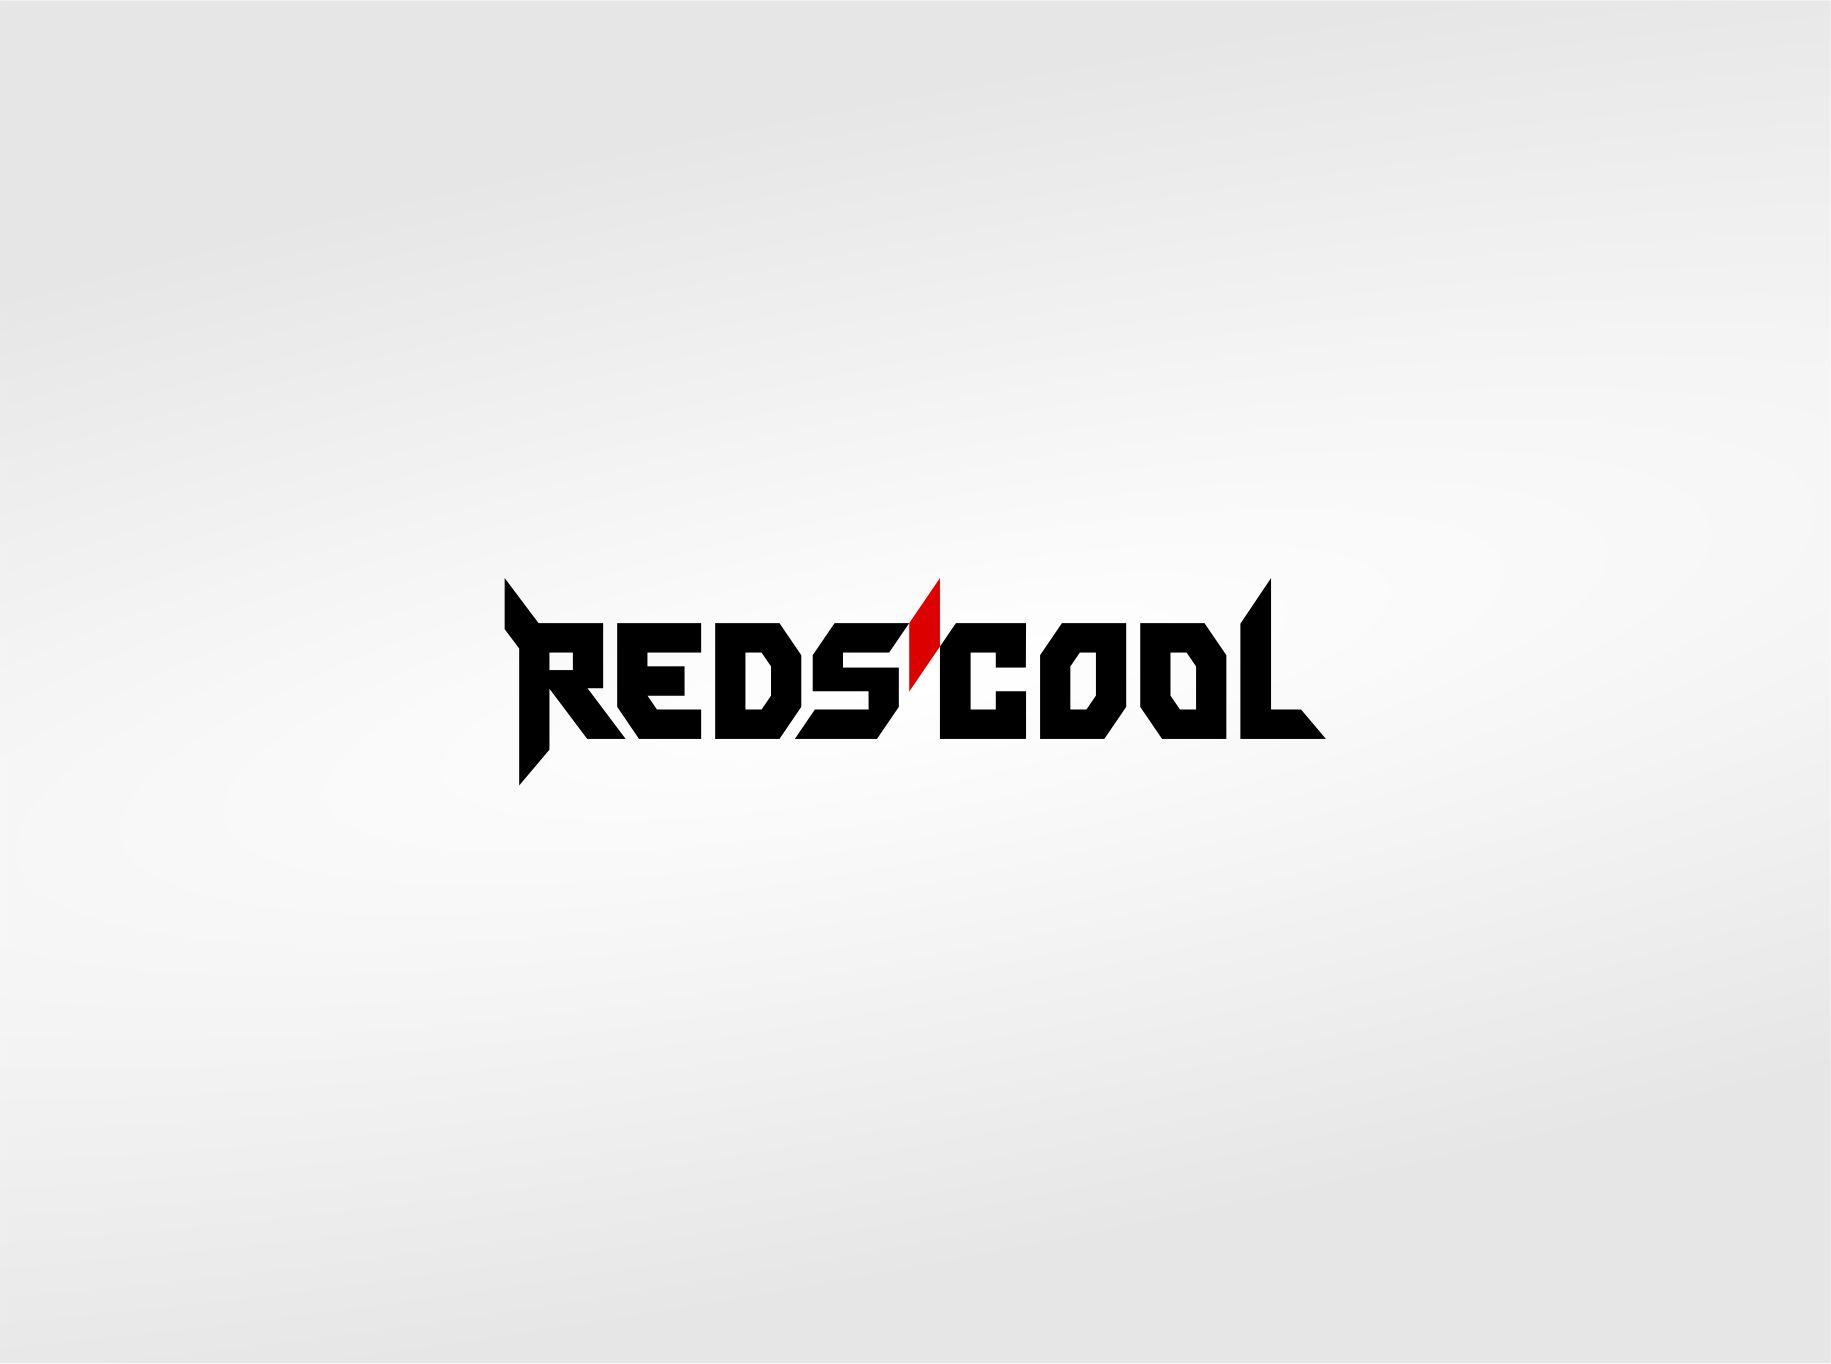 Логотип для музыкальной группы фото f_3125a537efcd33f4.jpg